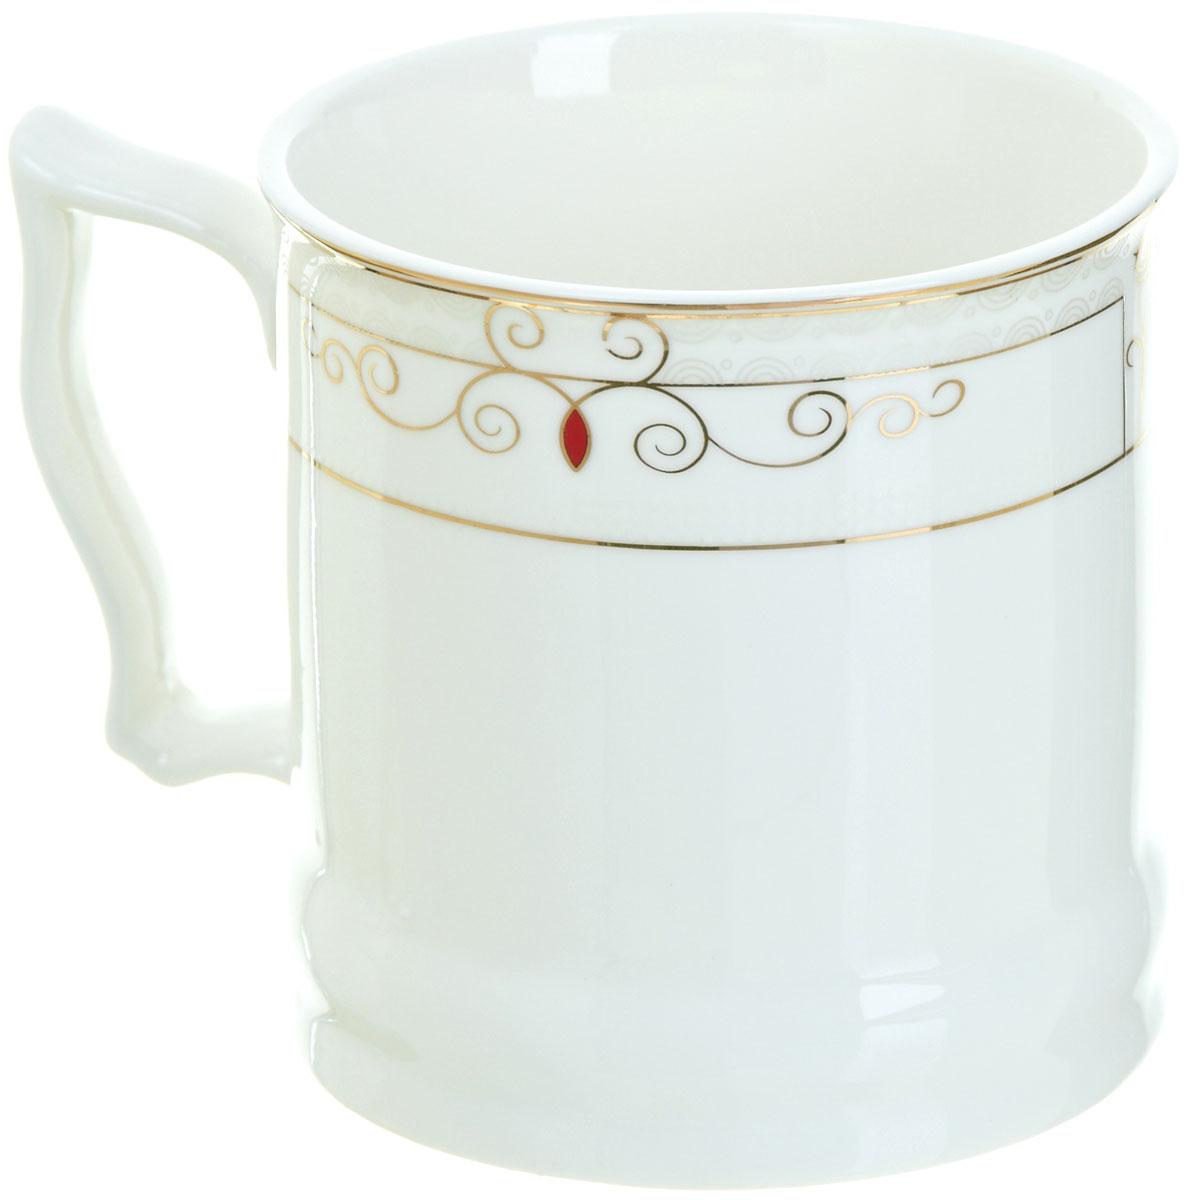 Кружка BHP Королевская кружка, 500 мл. M1870003115510Оригинальная кружка Best Home Porcelain, выполненная из высококачественного фарфора, сочетает в себе простой, утонченный дизайн с максимальной функциональностью. Оригинальность оформления придутся по вкусу тем, кто ценит индивидуальность. В комплект входит кружка. Можно использовать в ПММ.